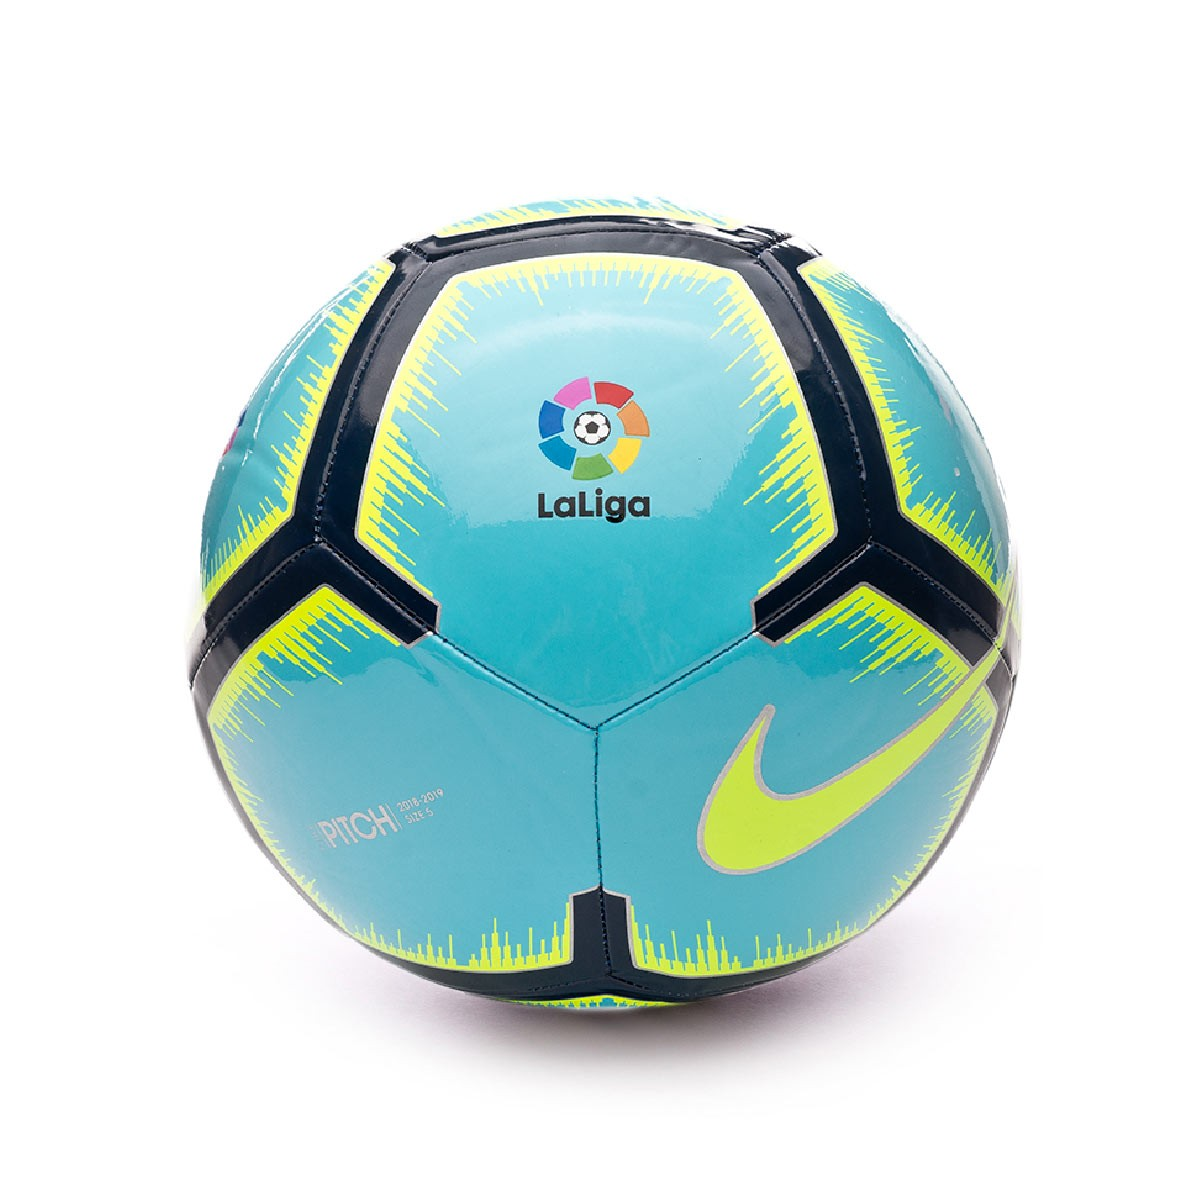 99aca258f9b3f Bola de Futebol Nike LaLiga Pitch 2018-2019 Polarized blue-Navy-Volt ...